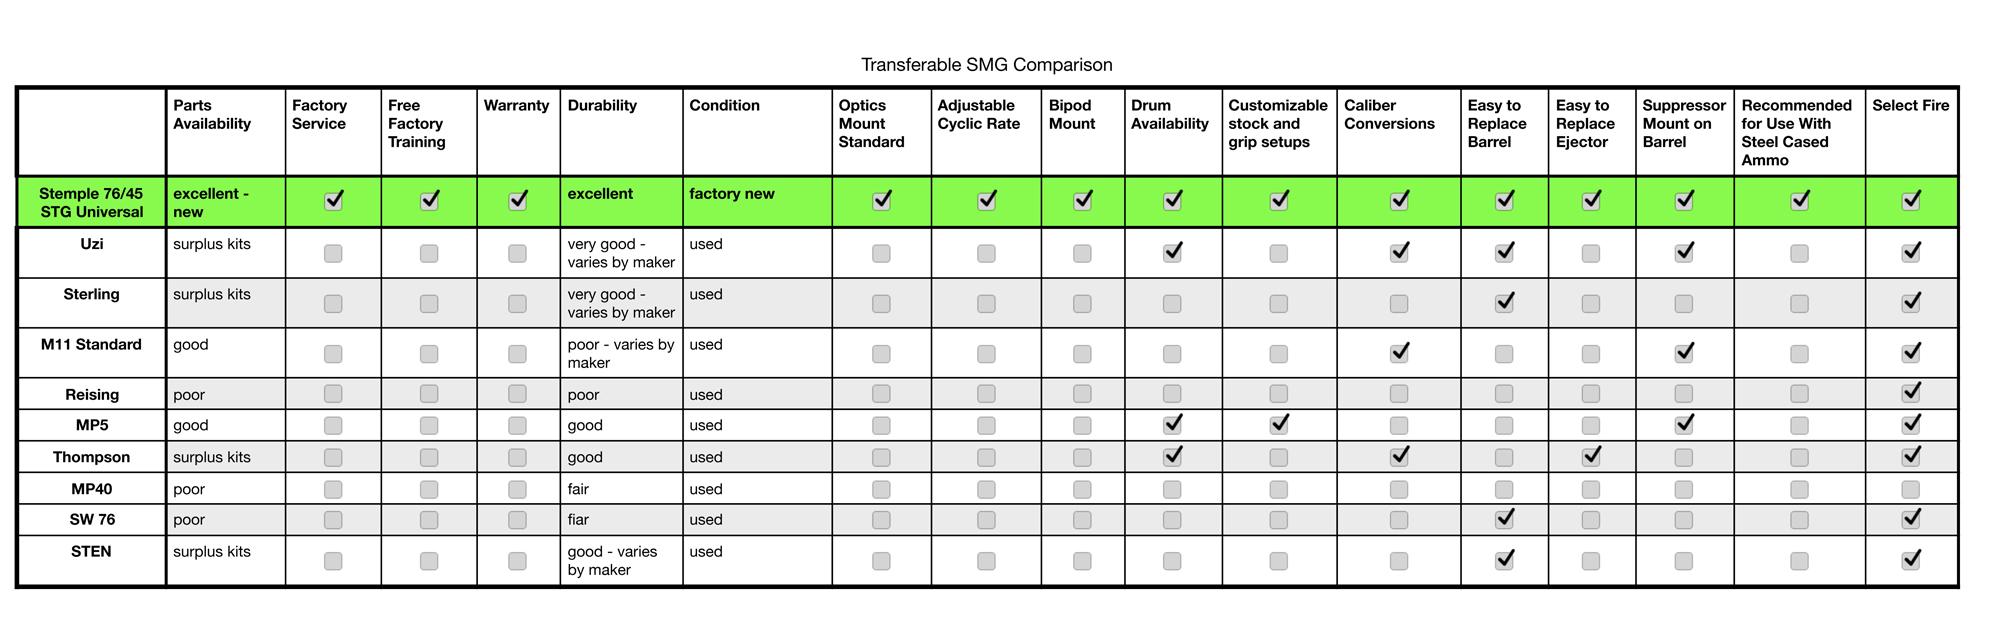 Transferable SMG Comparison Chart